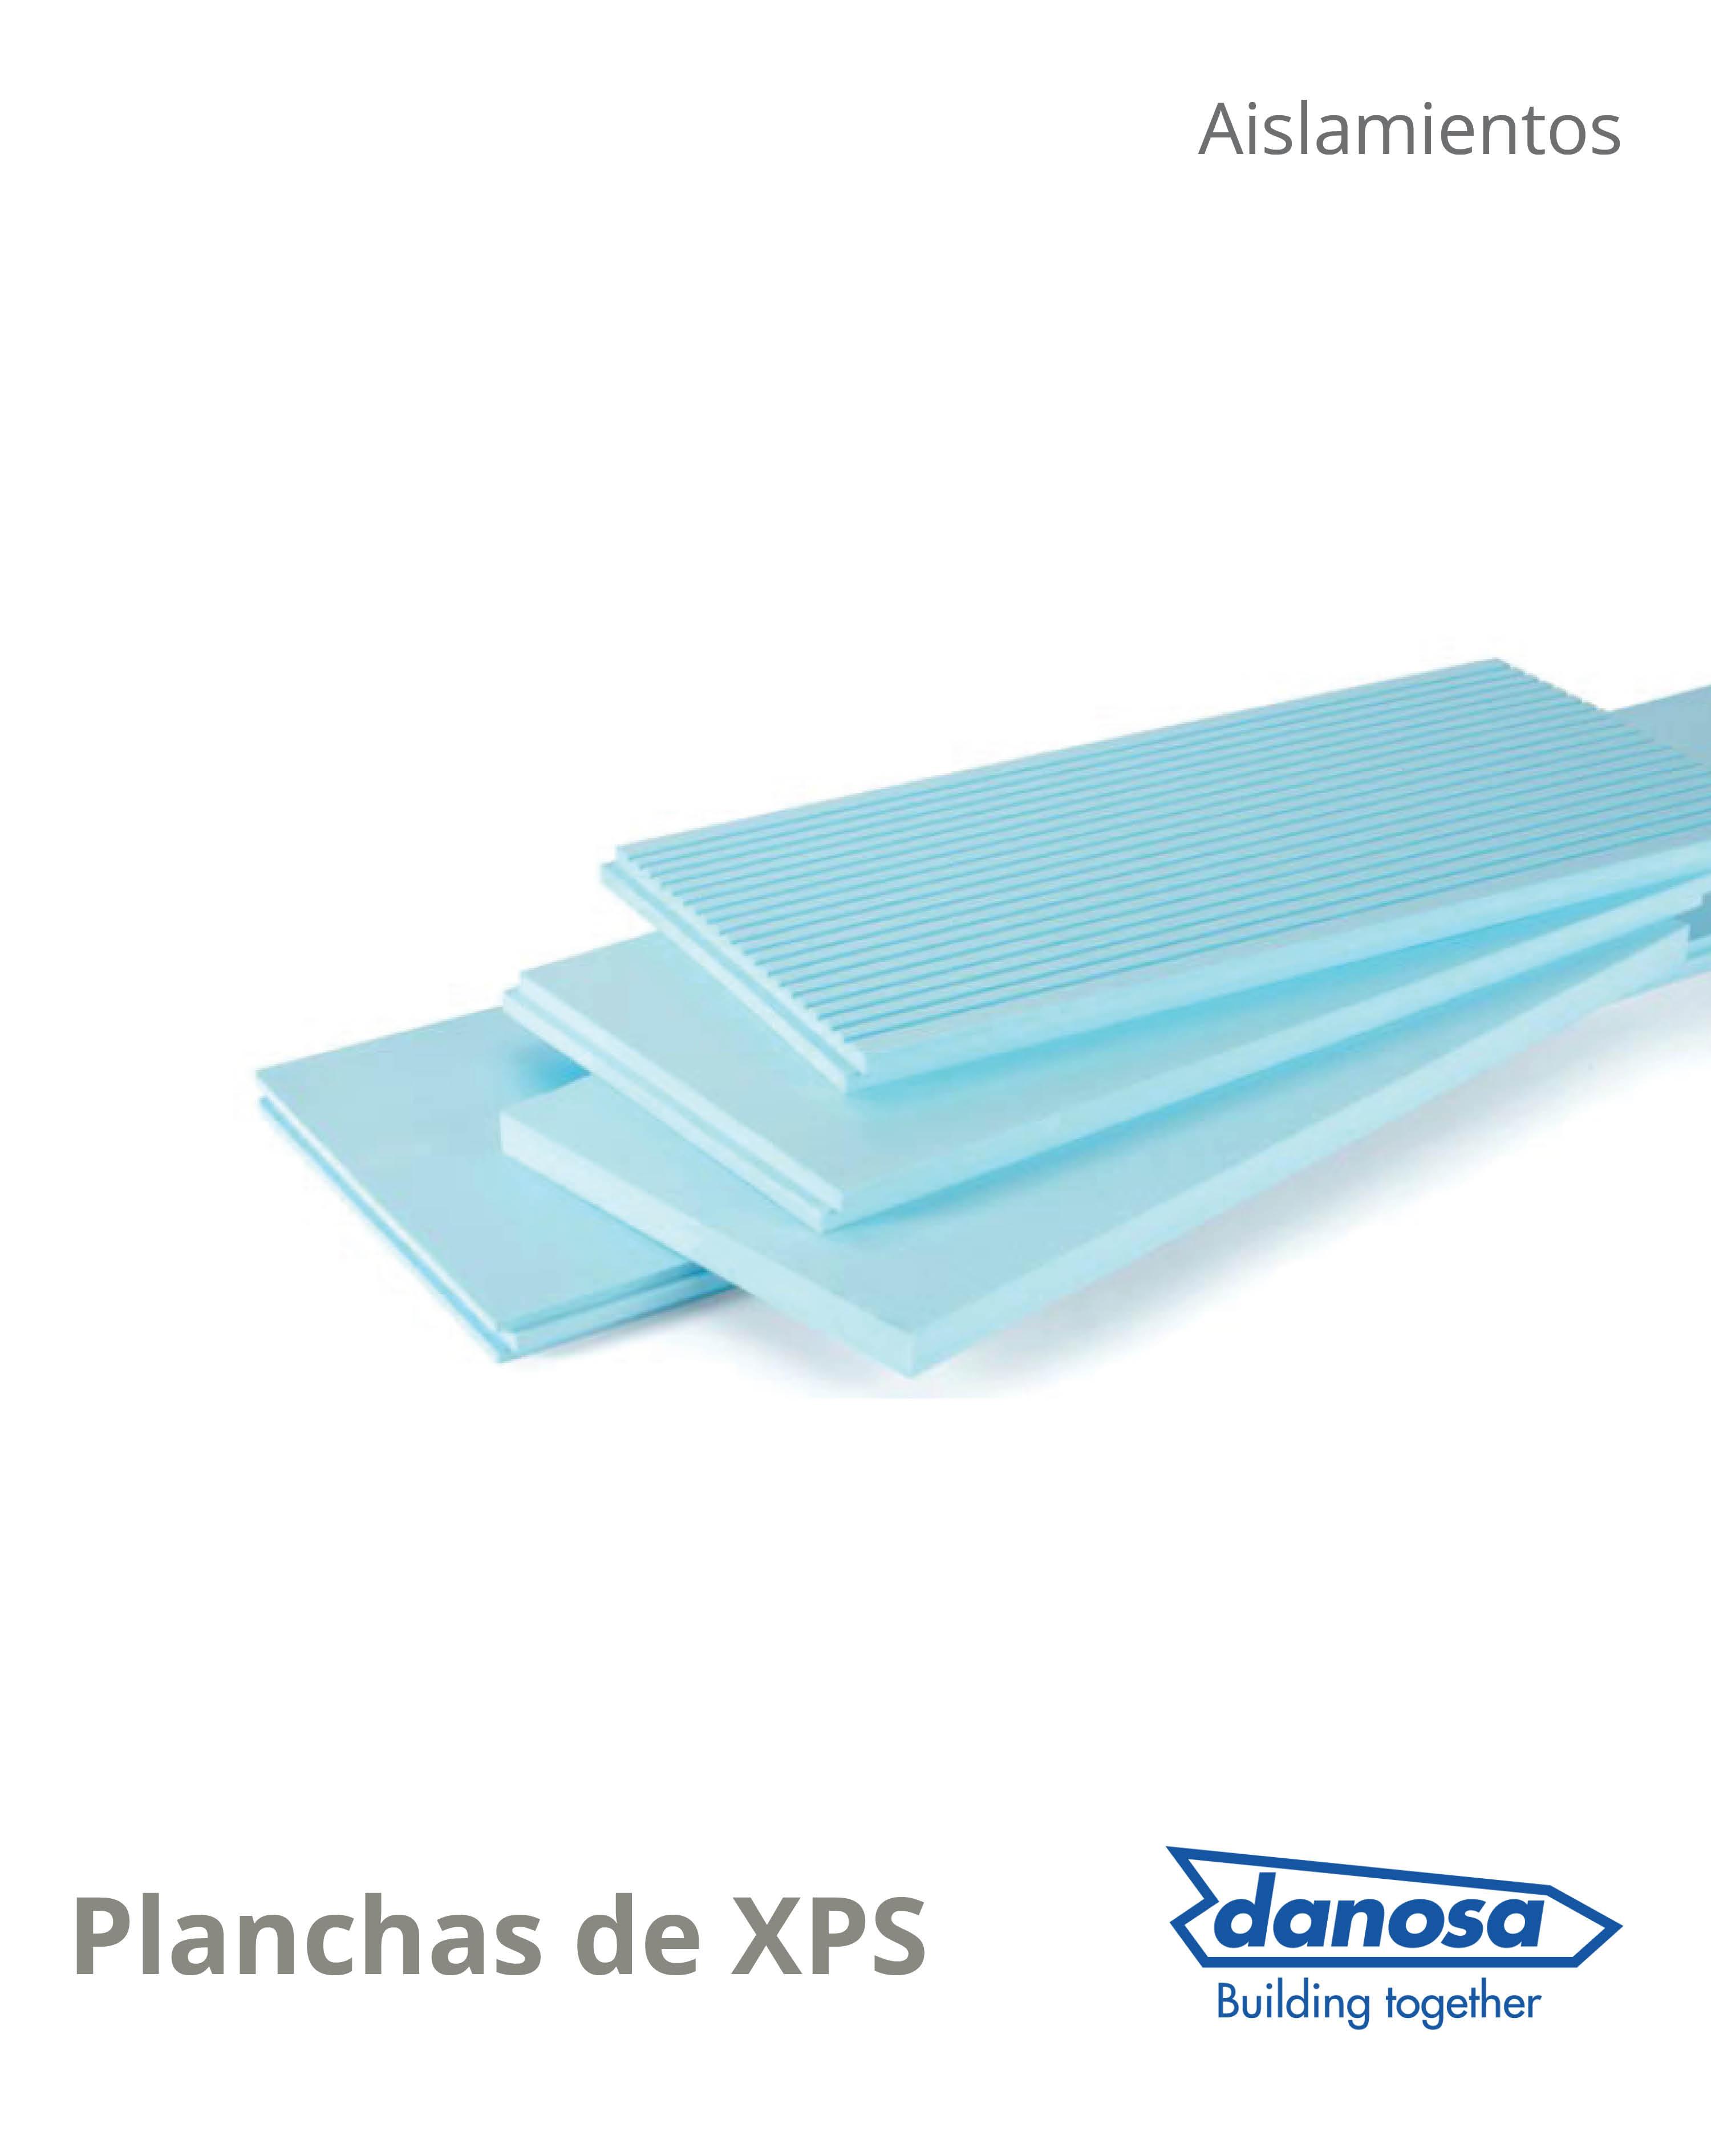 Declaraci n ambiental de productos materiales gbce - Planchas de poliestireno extruido ...